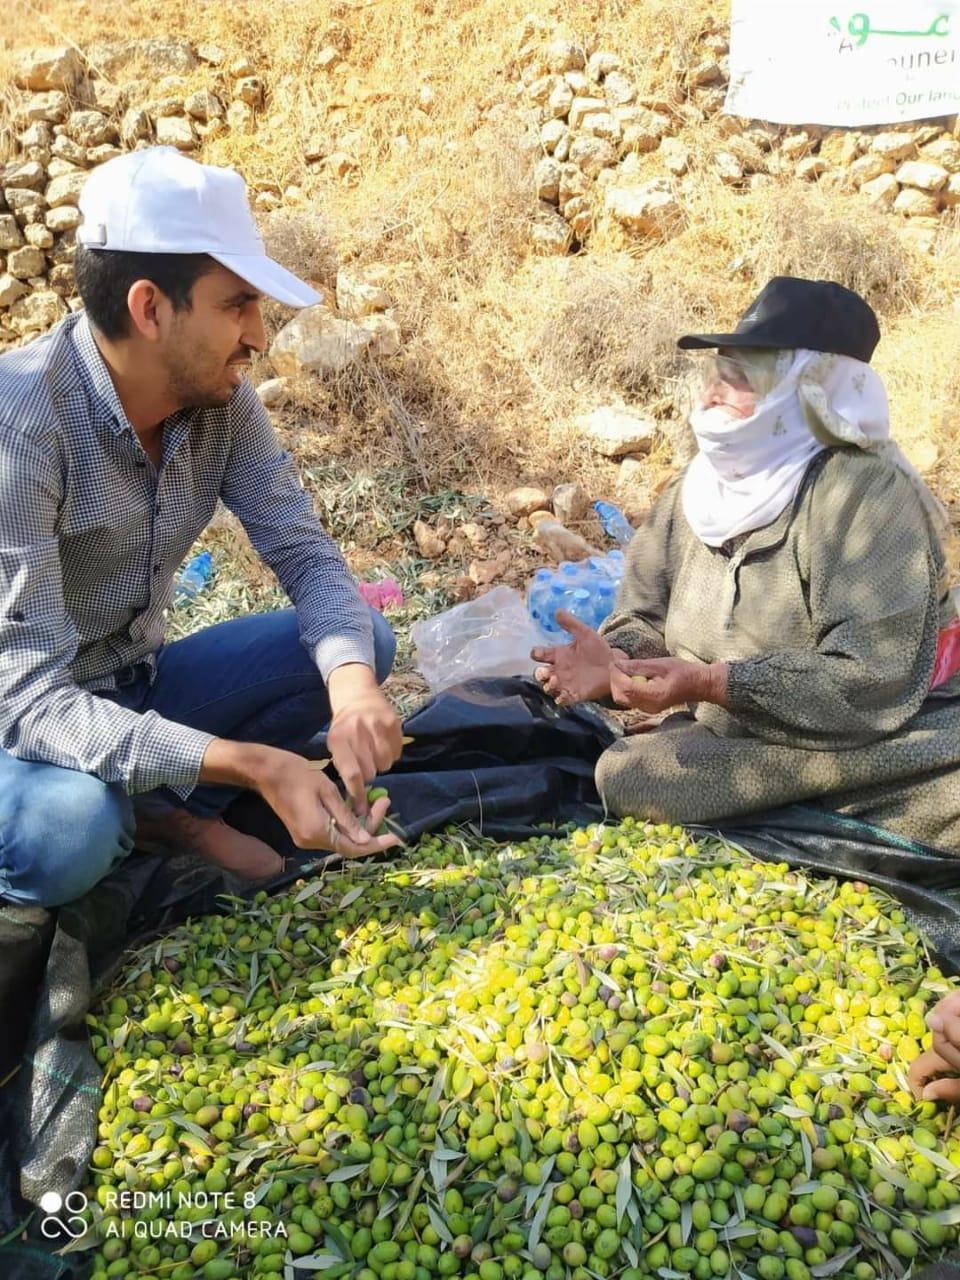 Em 2020, camponeses da Palestina foram ameaçados por 'acordo de paz' e fizeram ações de solidariedade